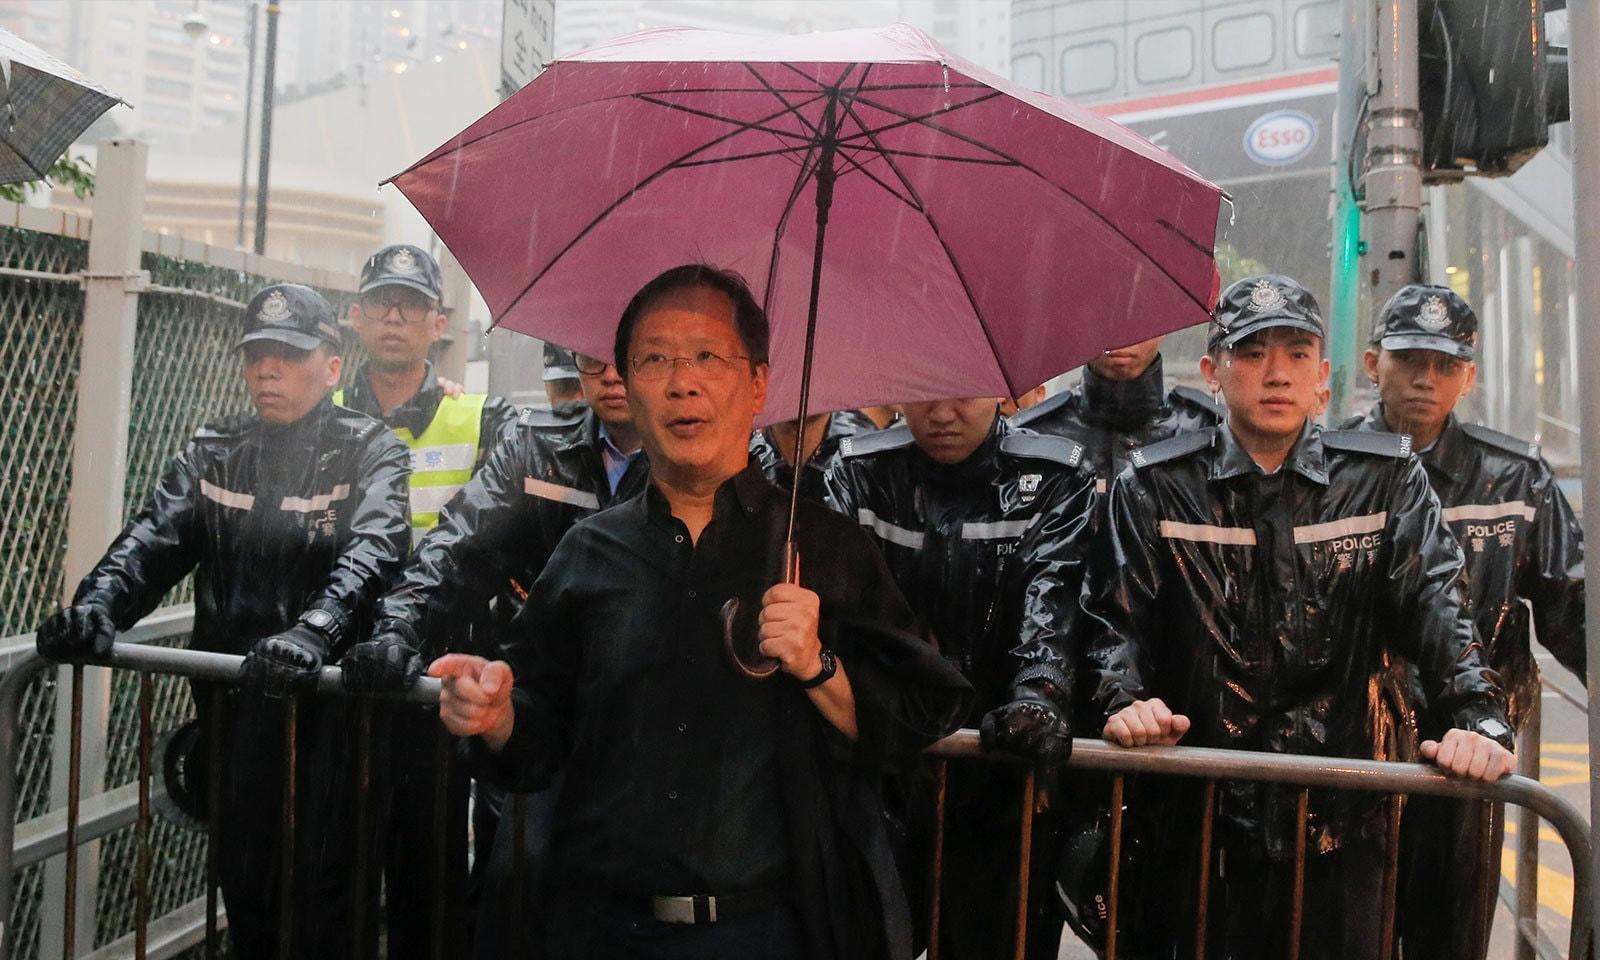 پولیس نے سوک پارٹی کے رکن کو گورنمنٹ ہاؤس جانے سے روک دیا — فوٹو: رائٹرز